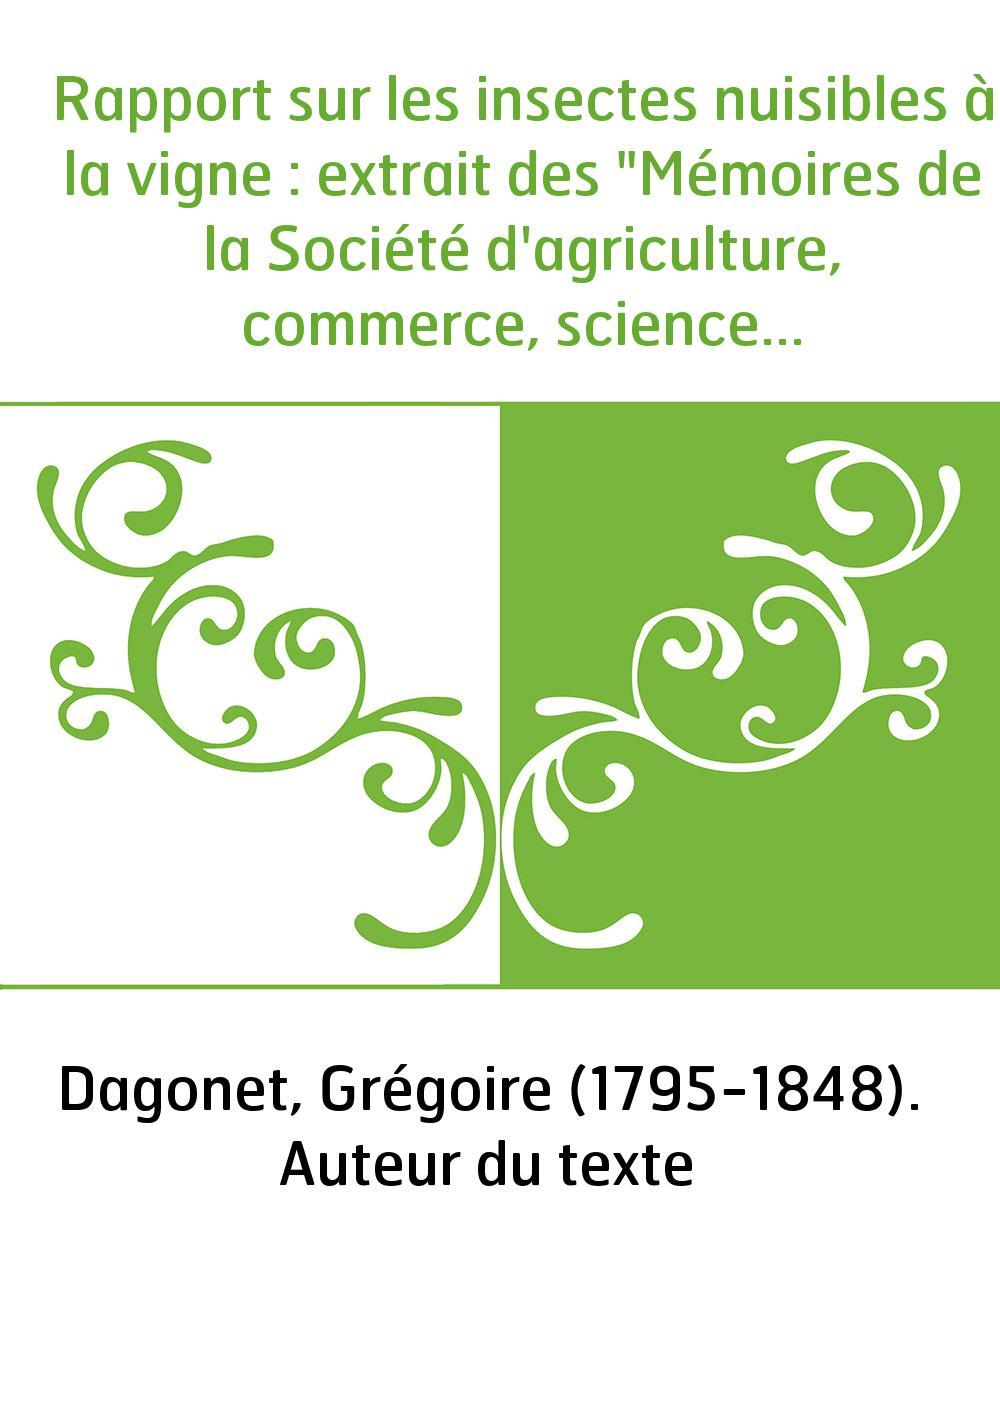 """Rapport sur les insectes nuisibles à la vigne : extrait des """"Mémoires de la Société d'agriculture, commerce, sciences et arts du"""